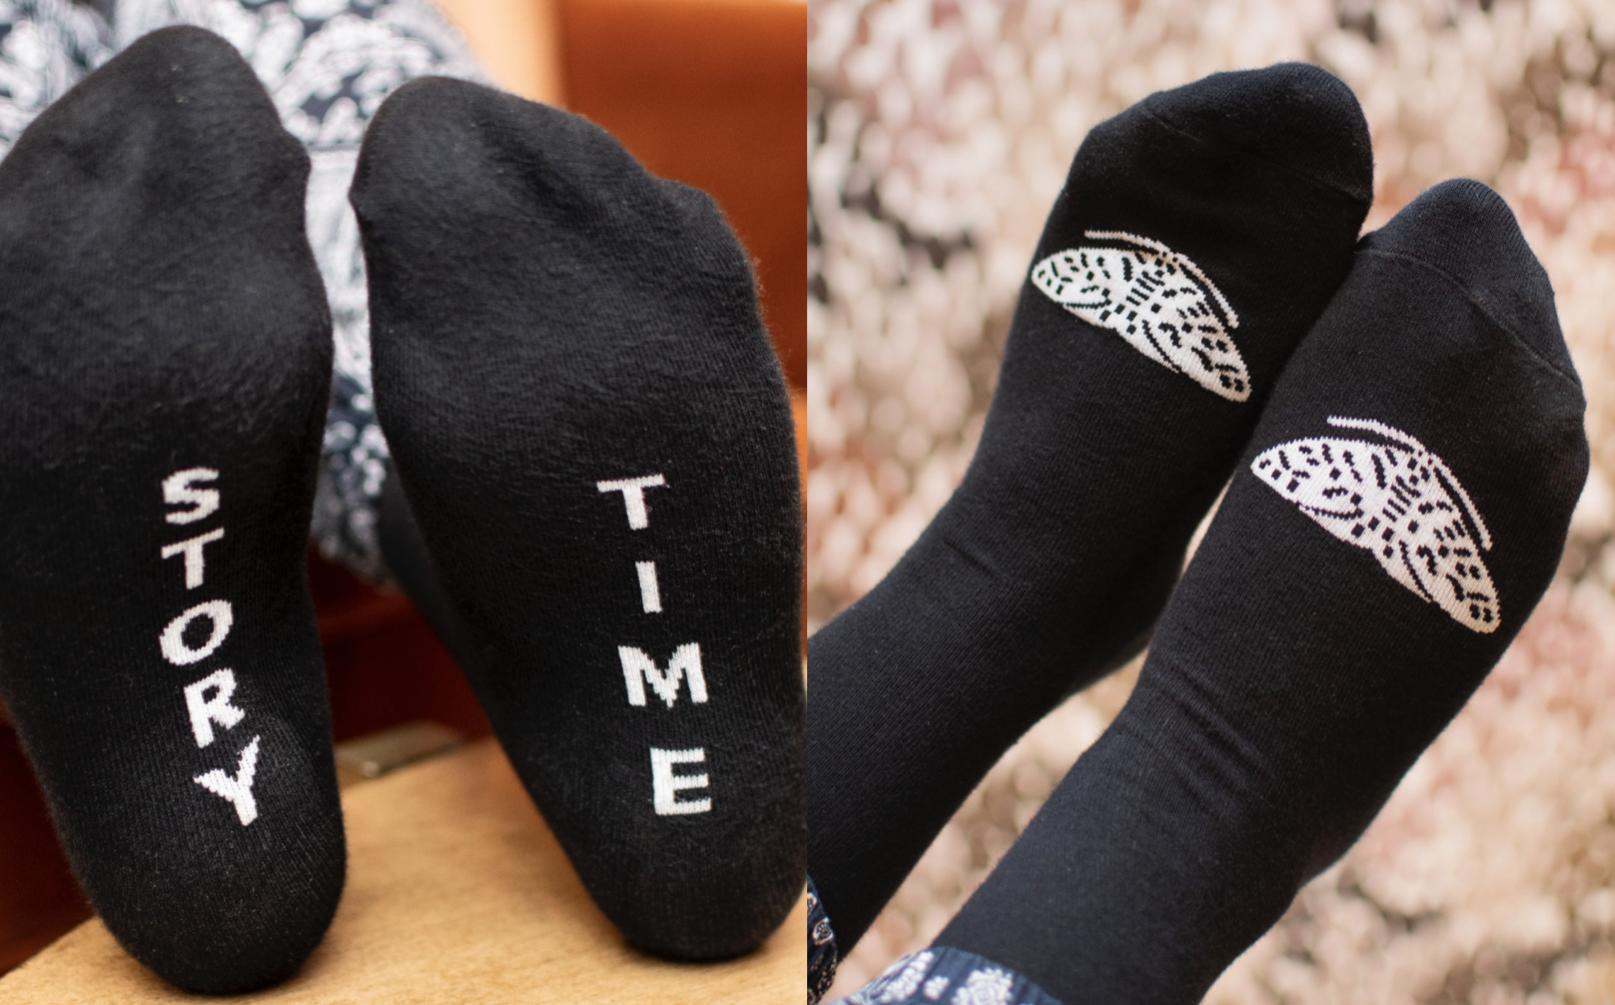 Storytime Socks